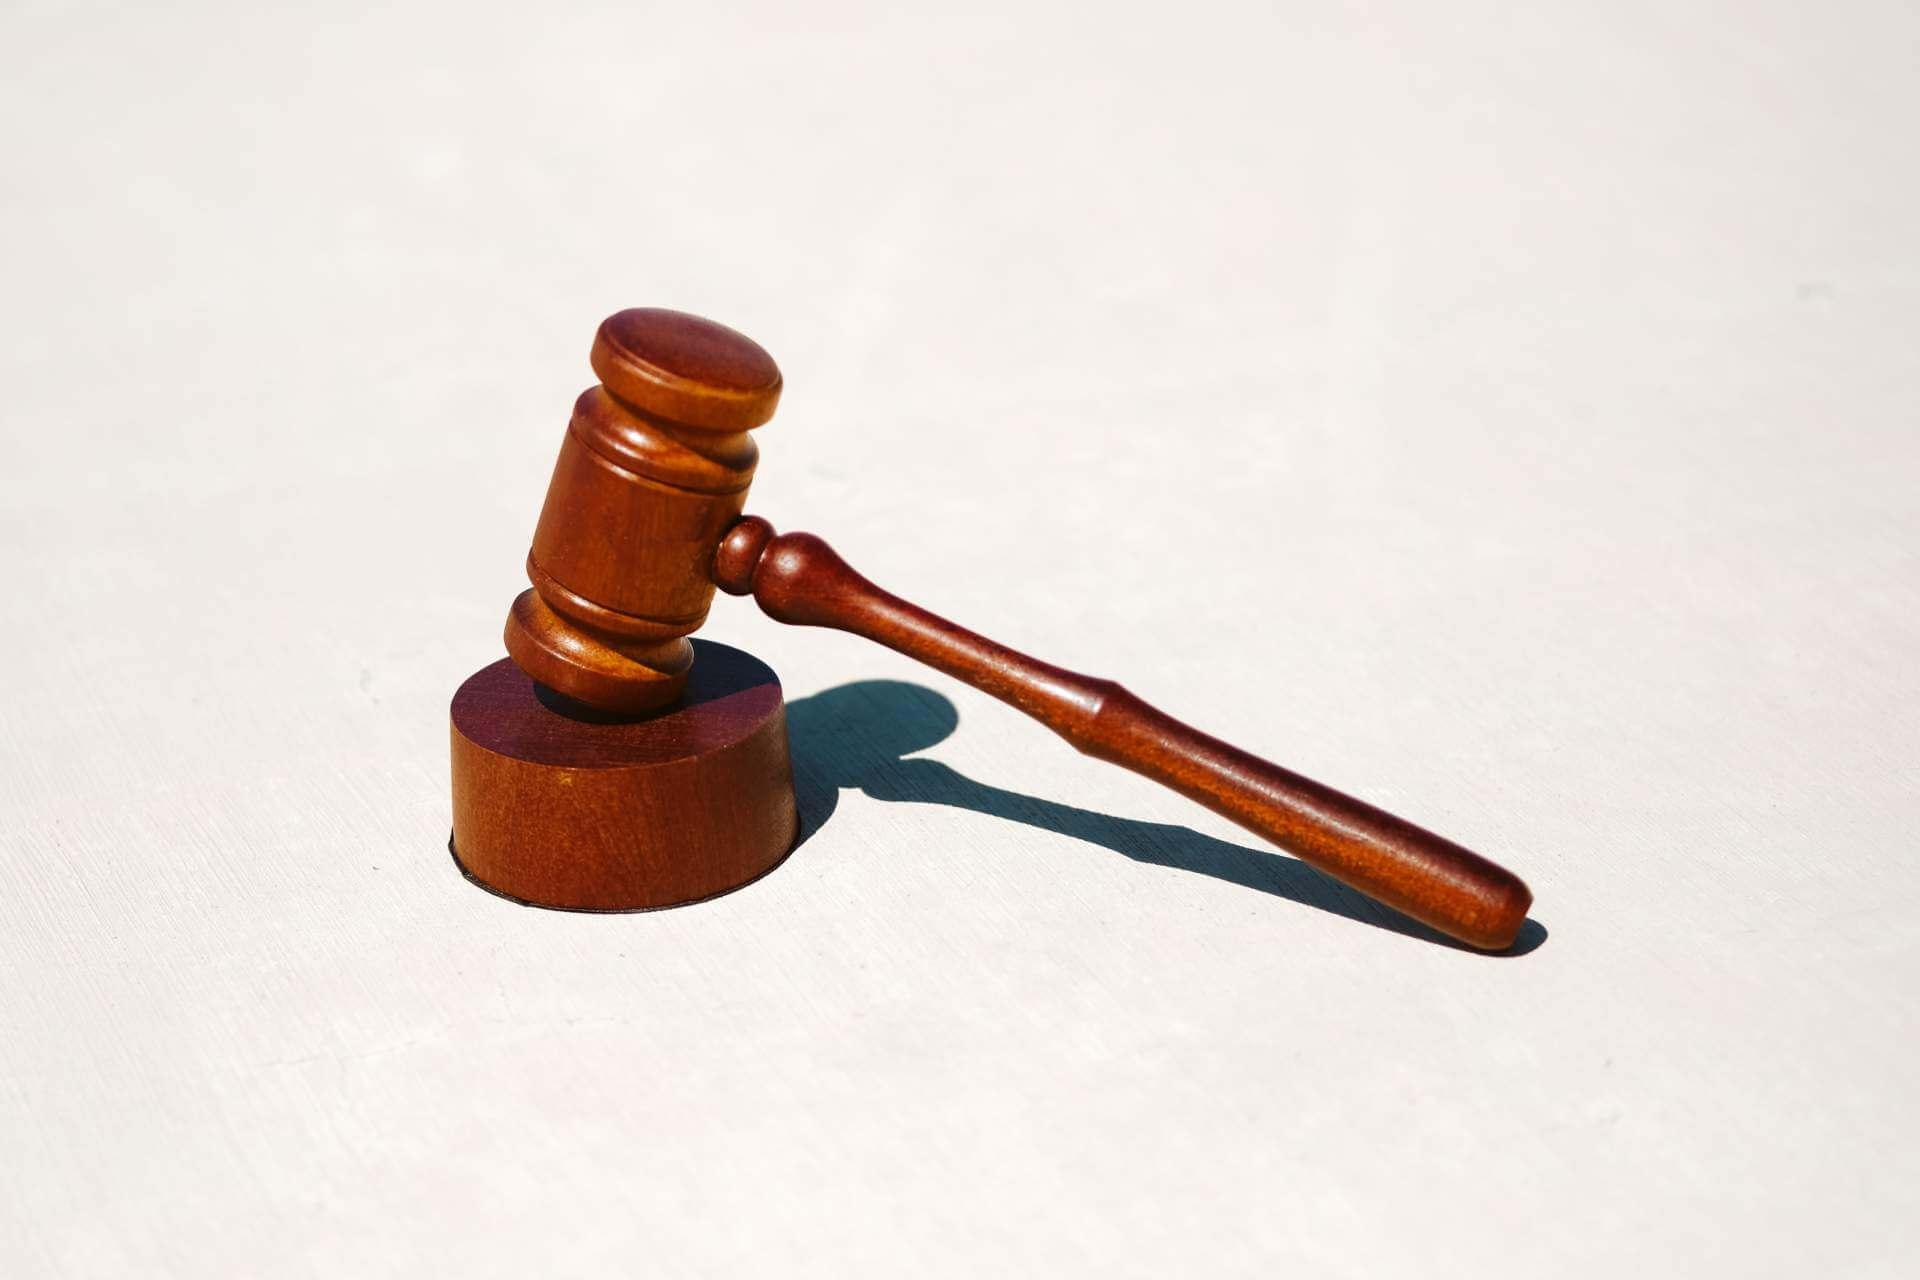 BGH-Urteil beschert Gebrauchtwagenhändlern Rechtssicherheit